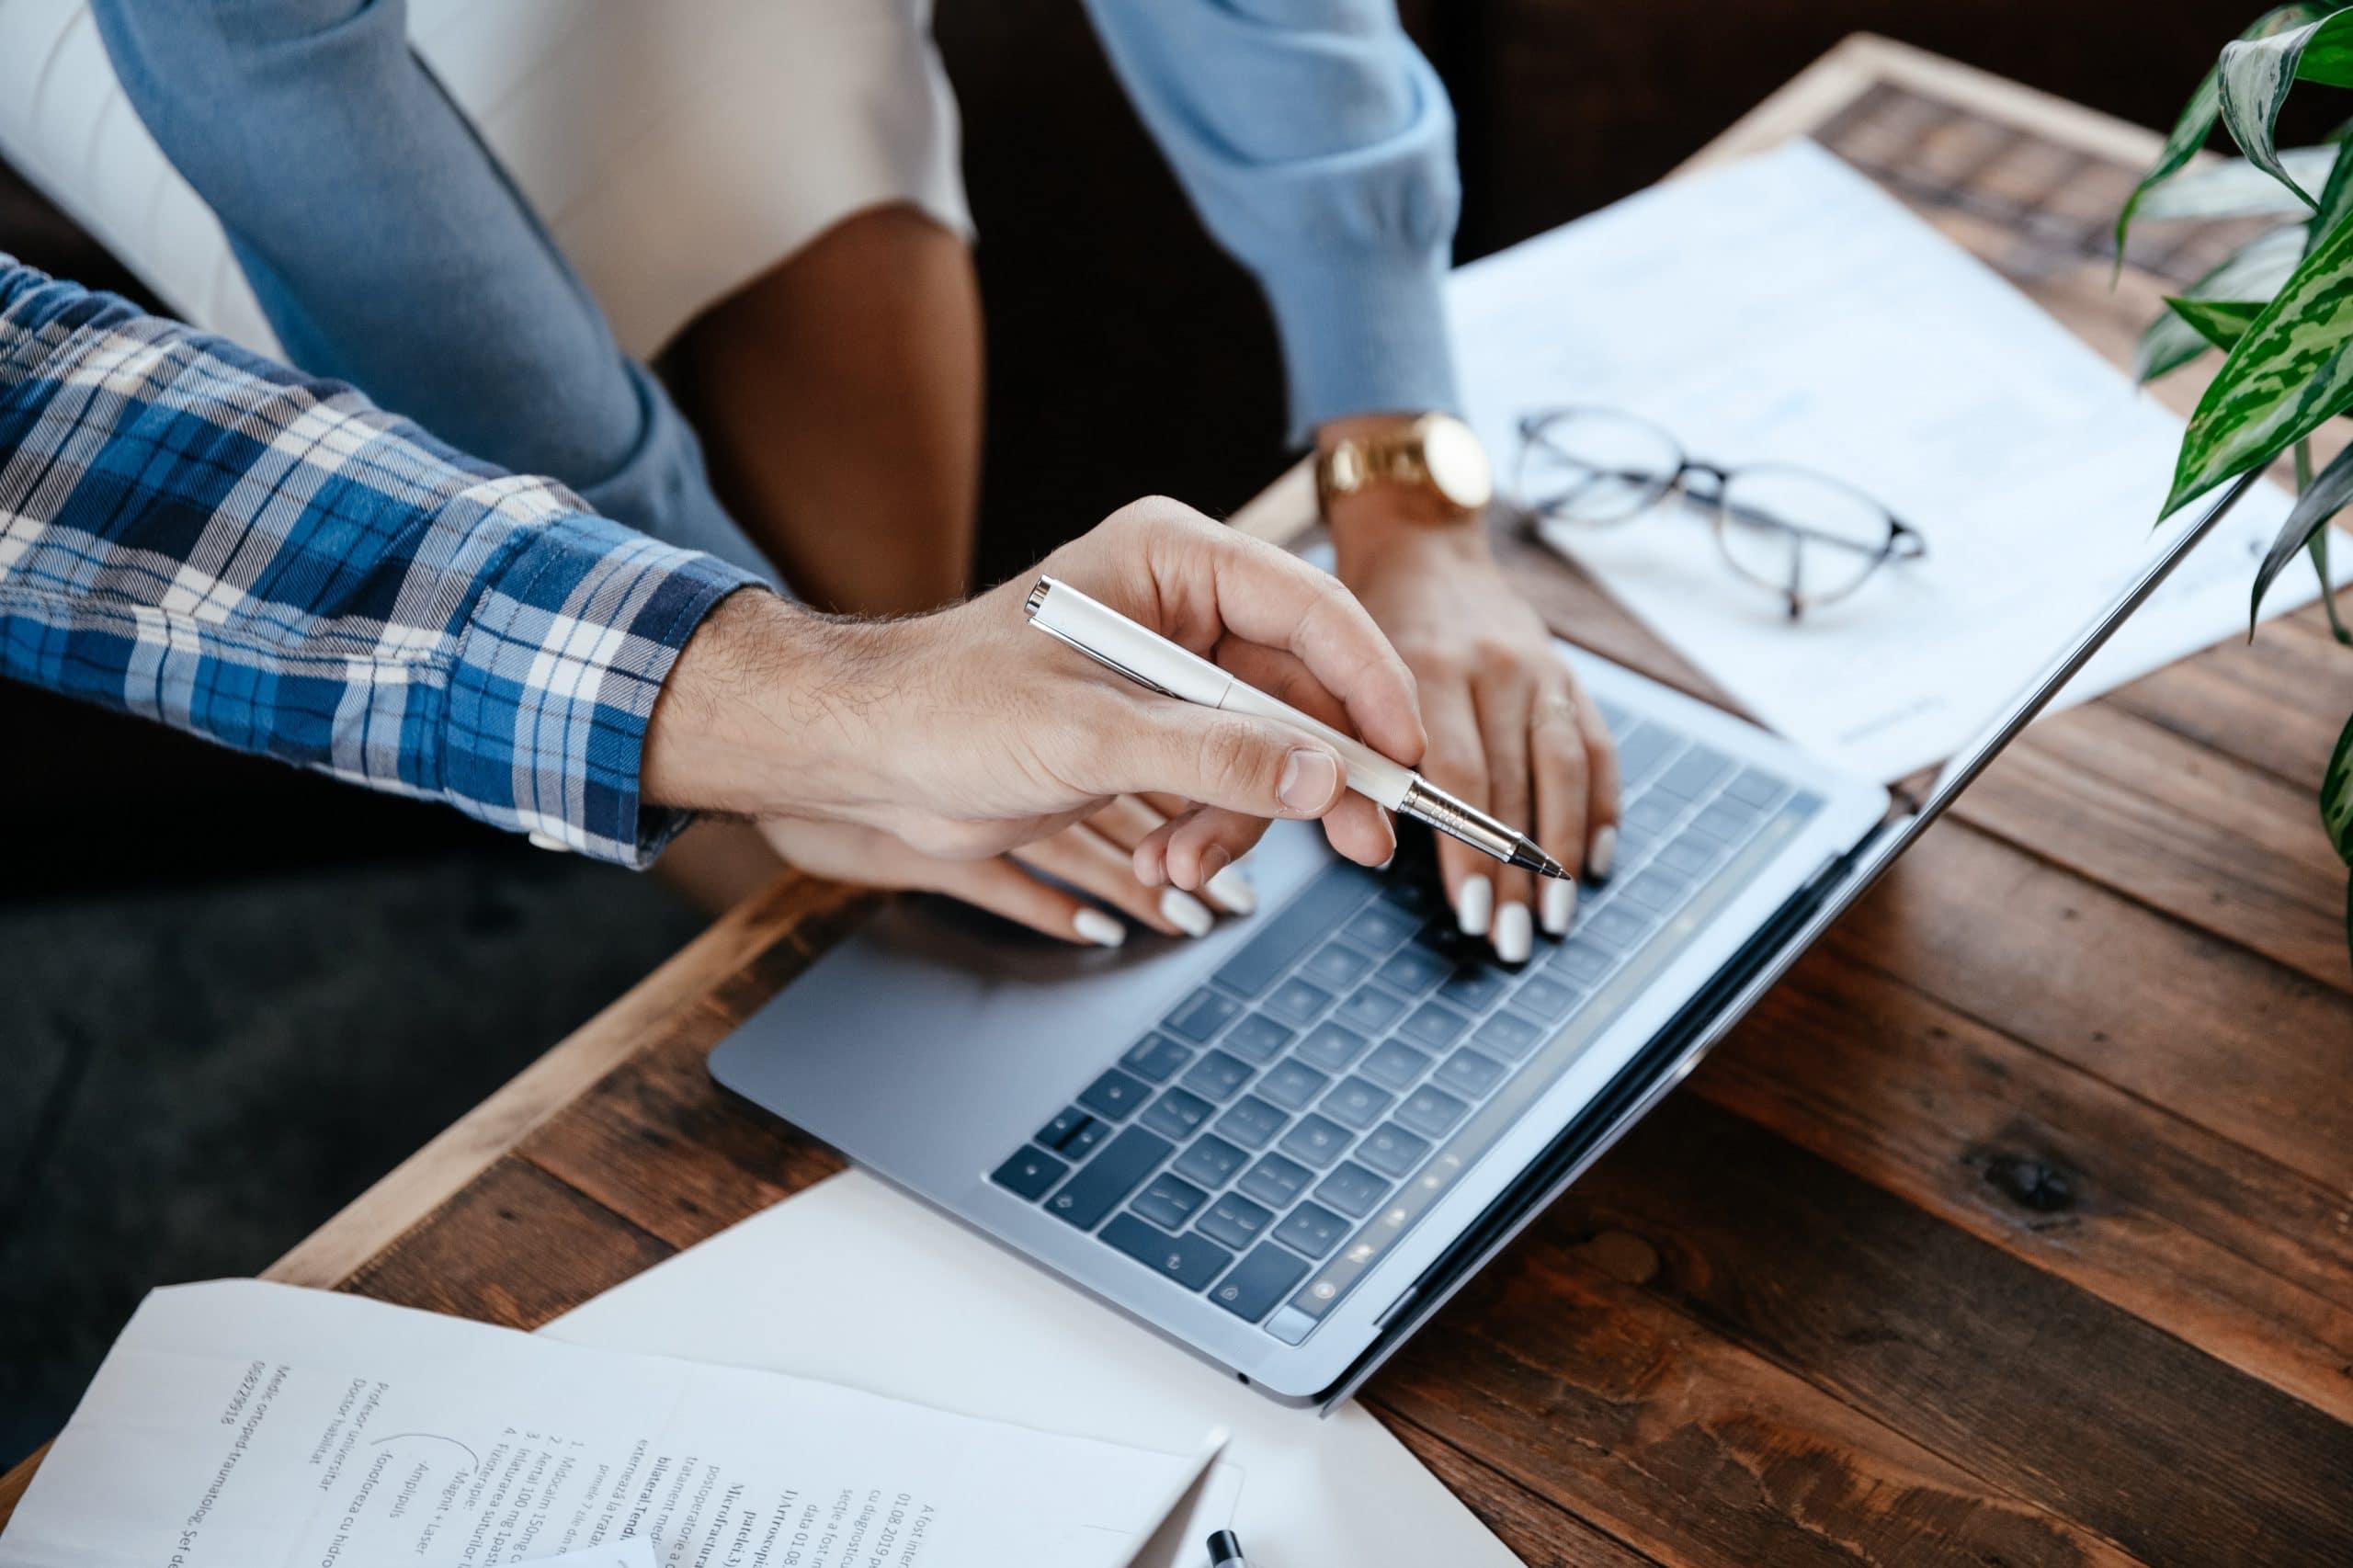 Zakelijke verzekeringen laten regelen door Ekelmans Financieel Advies